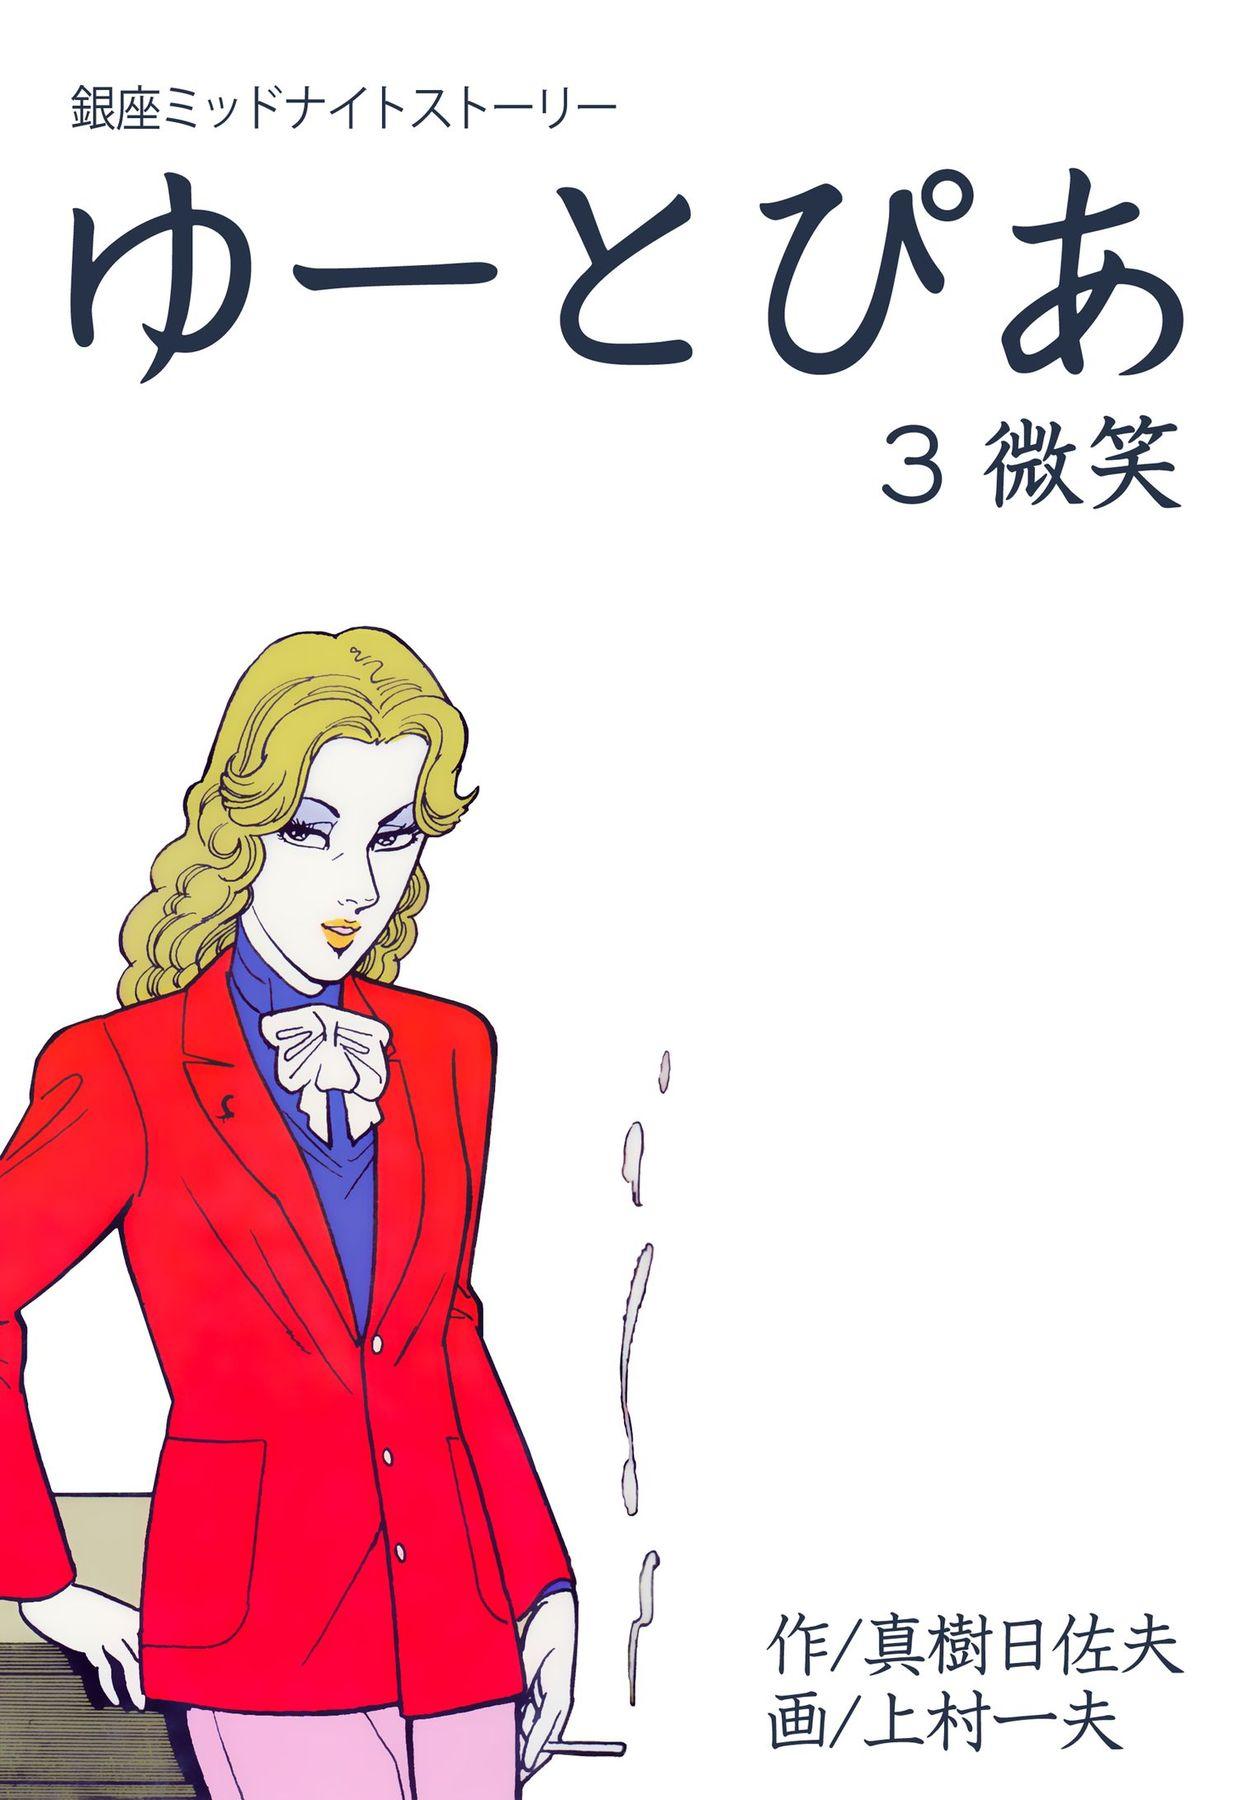 ゆーとぴあ~銀座ミッドナイトストーリー(第3巻)